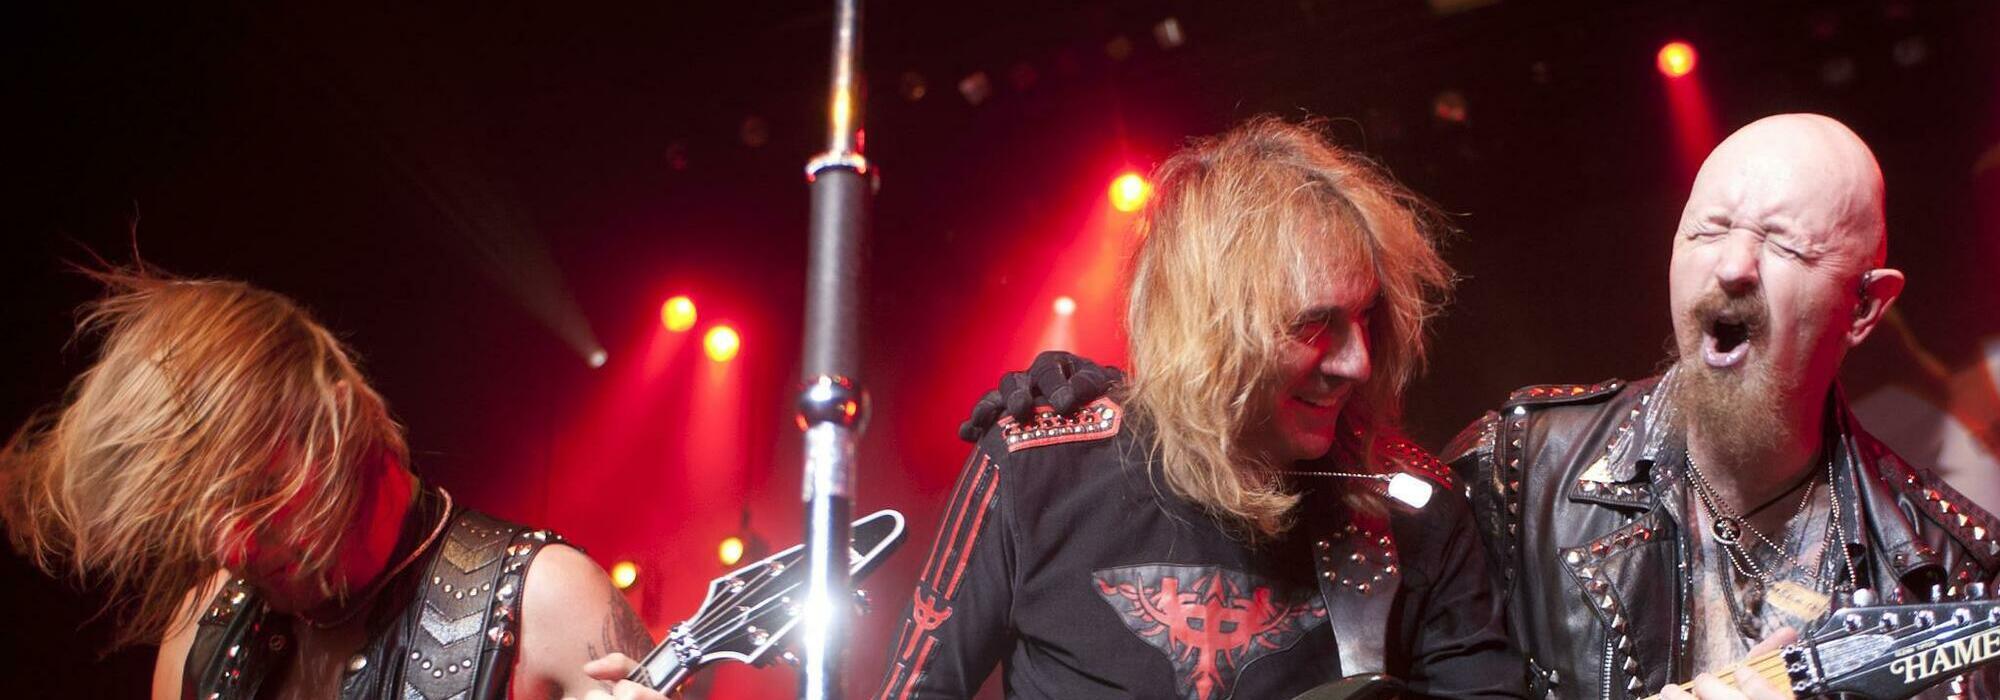 A Judas Priest live event